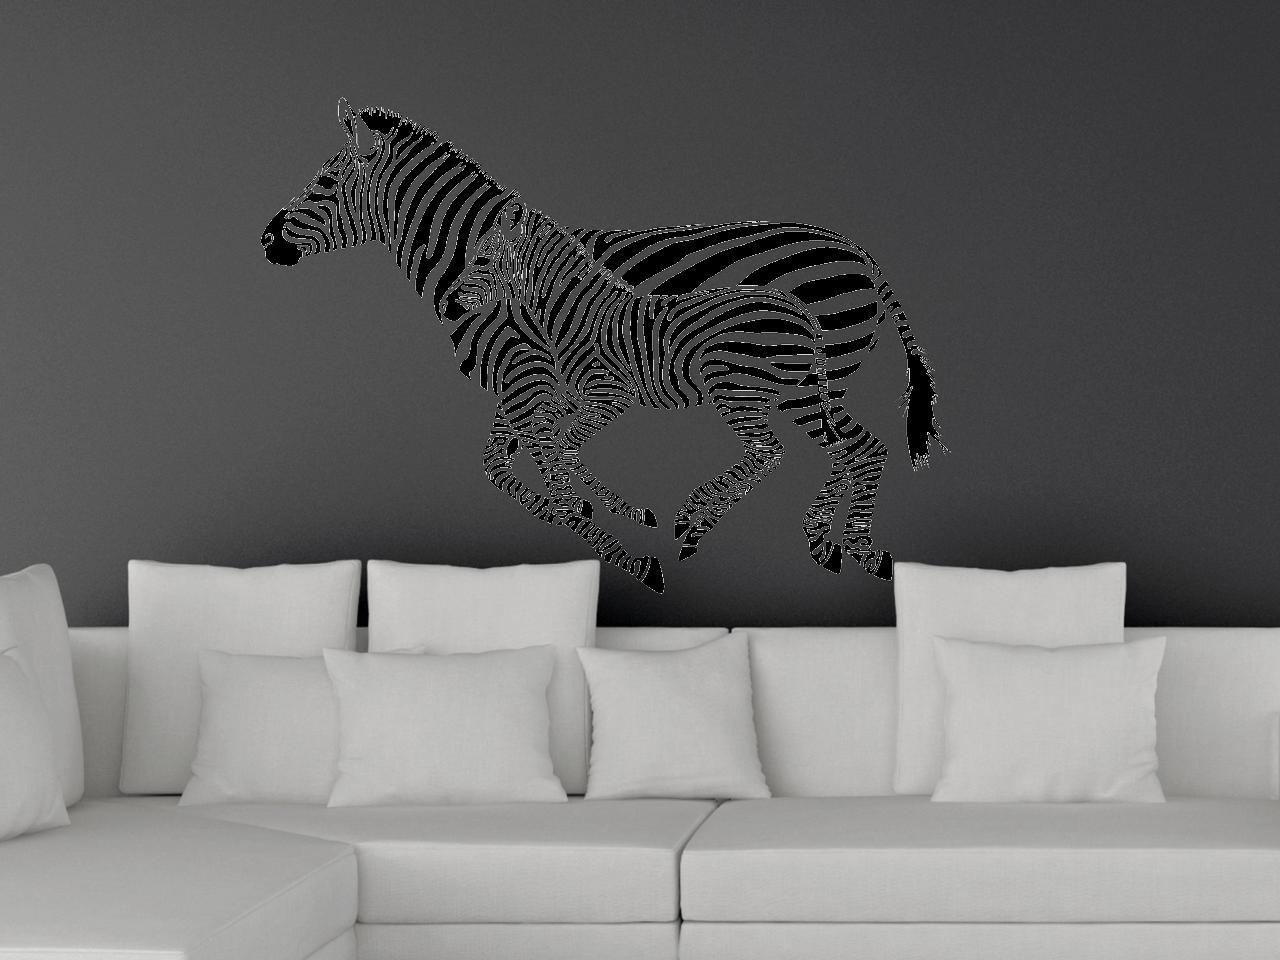 Wandtattoo Zebra Mutter und Fohlen im galopp | ToCut Werbetechnik ...